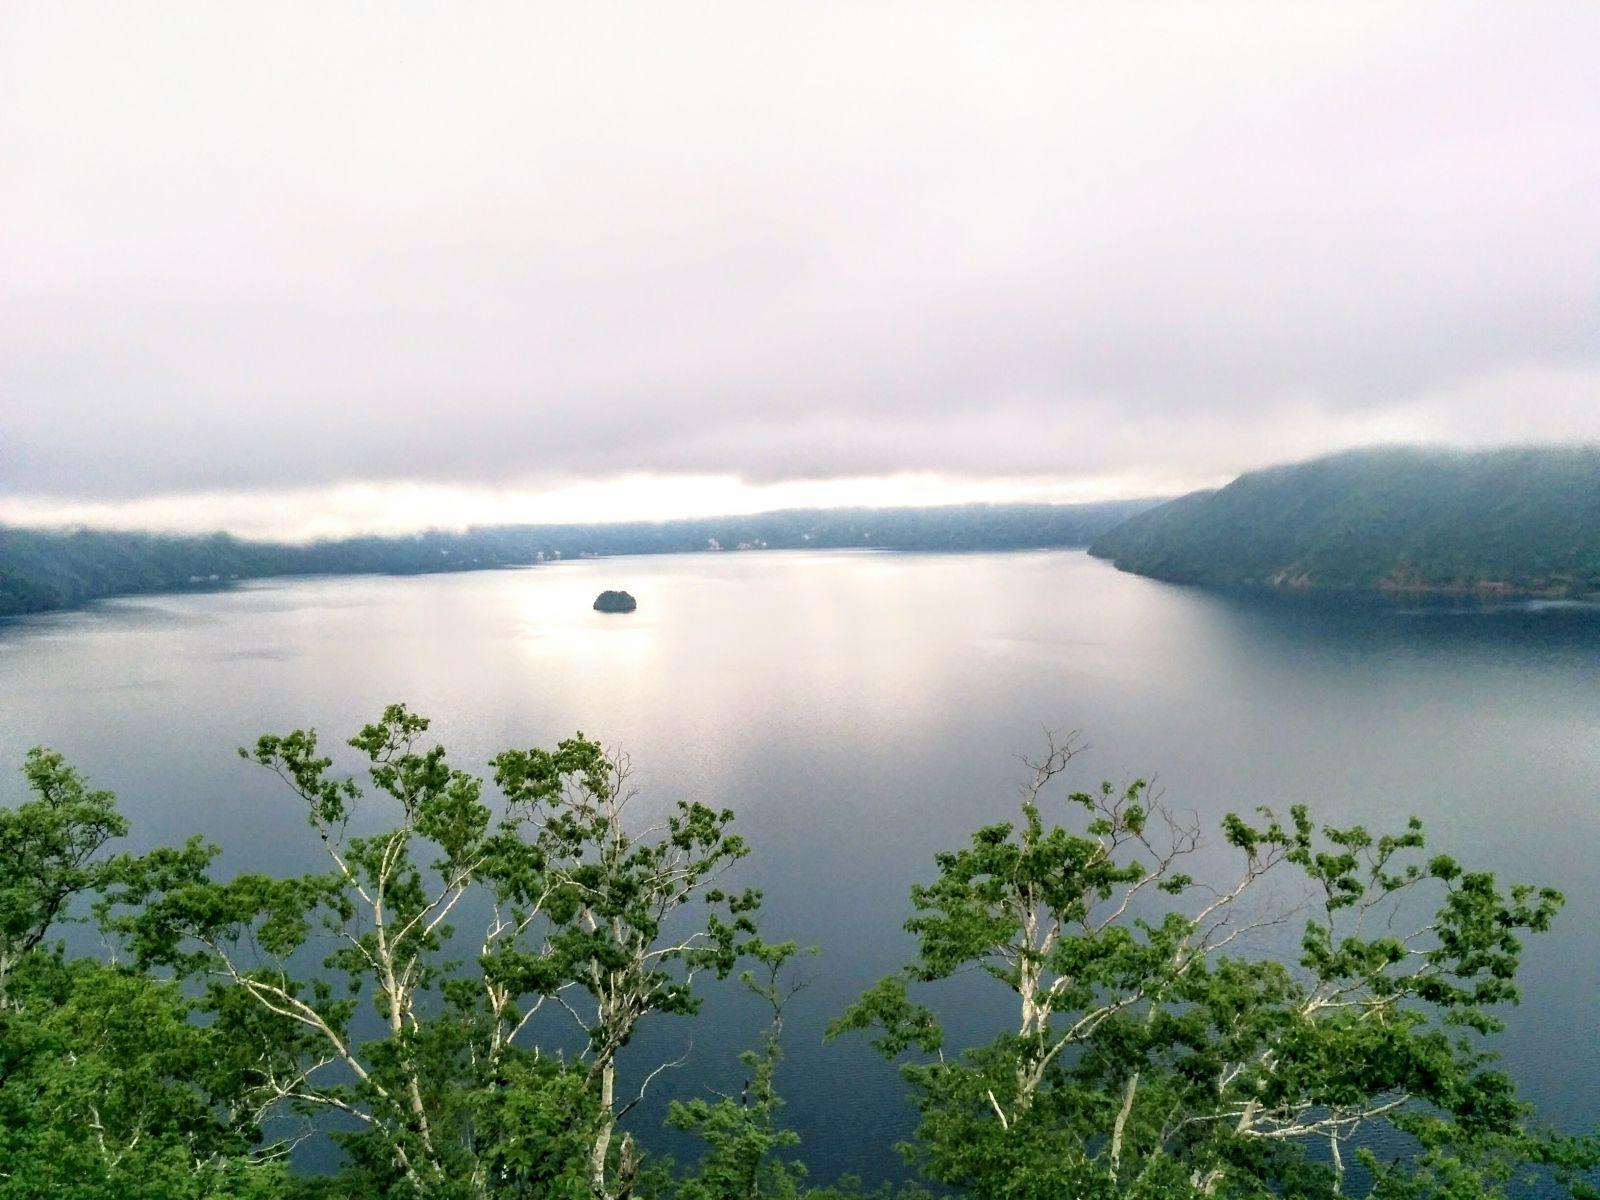 【摩周湖ジャンボタクシー】道東・摩周湖観光案内です。